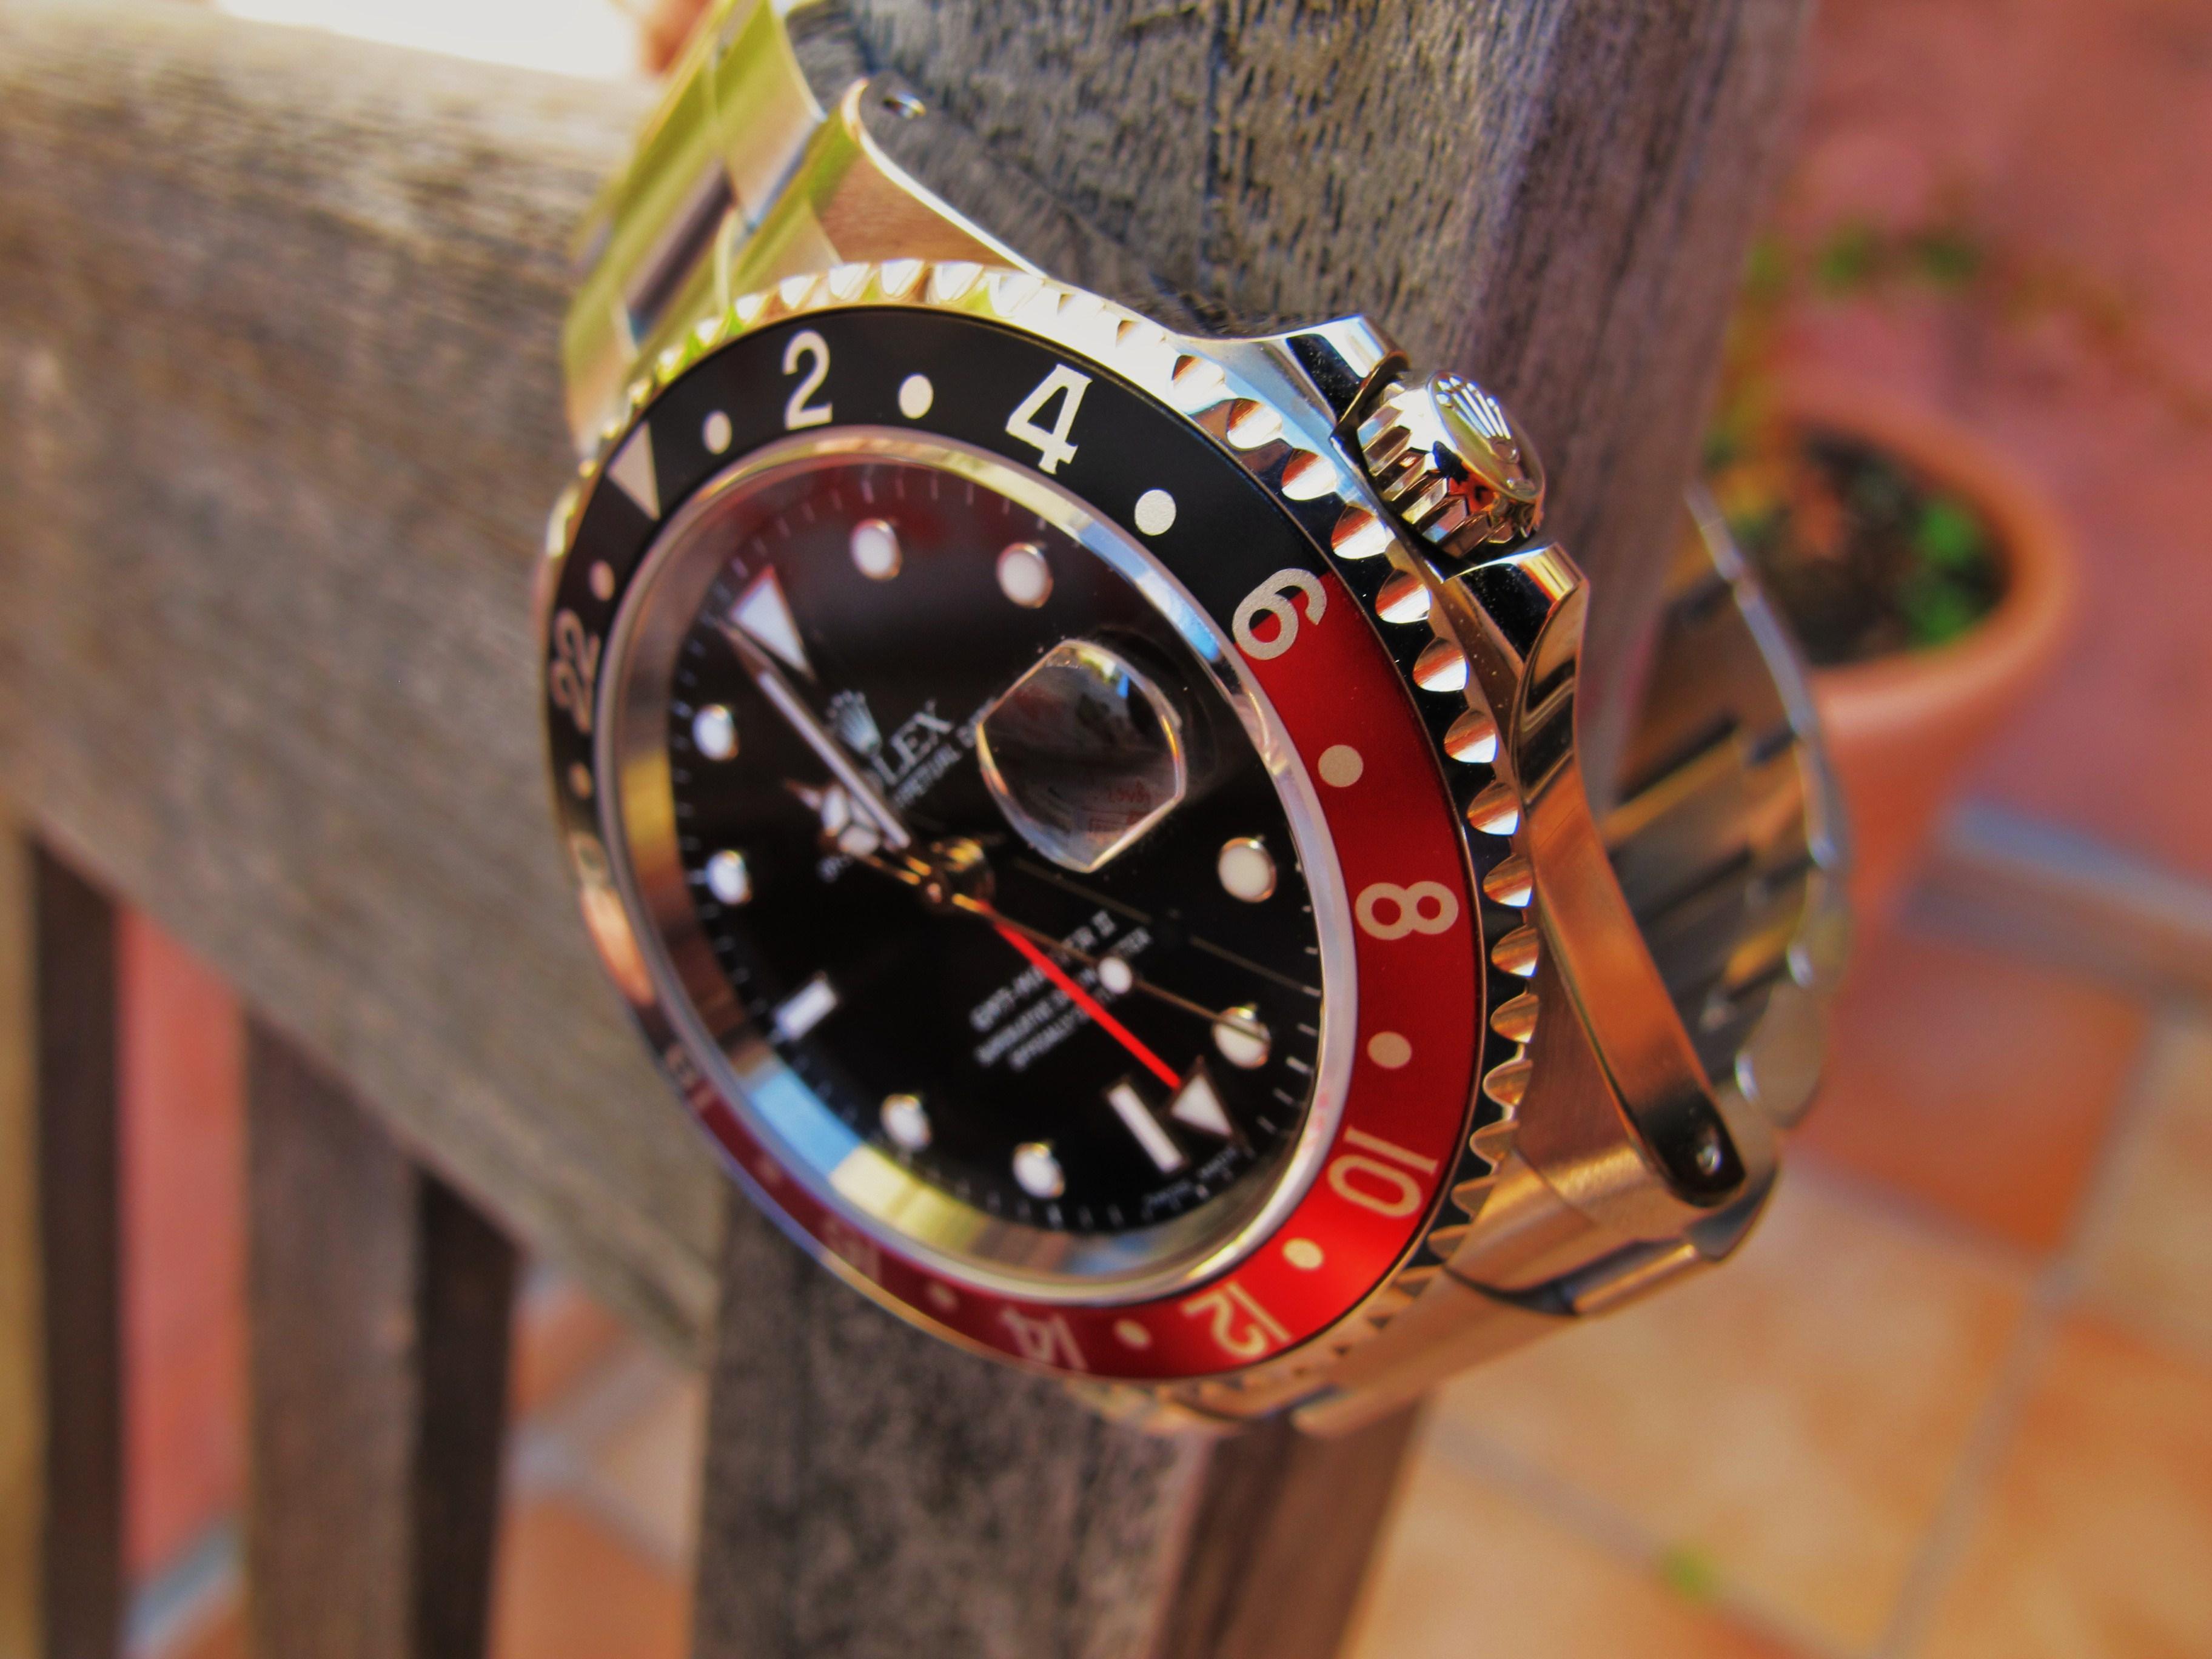 La montre du vendredi 6 avril 2012, Vendredi Saint  ! Img0089ve